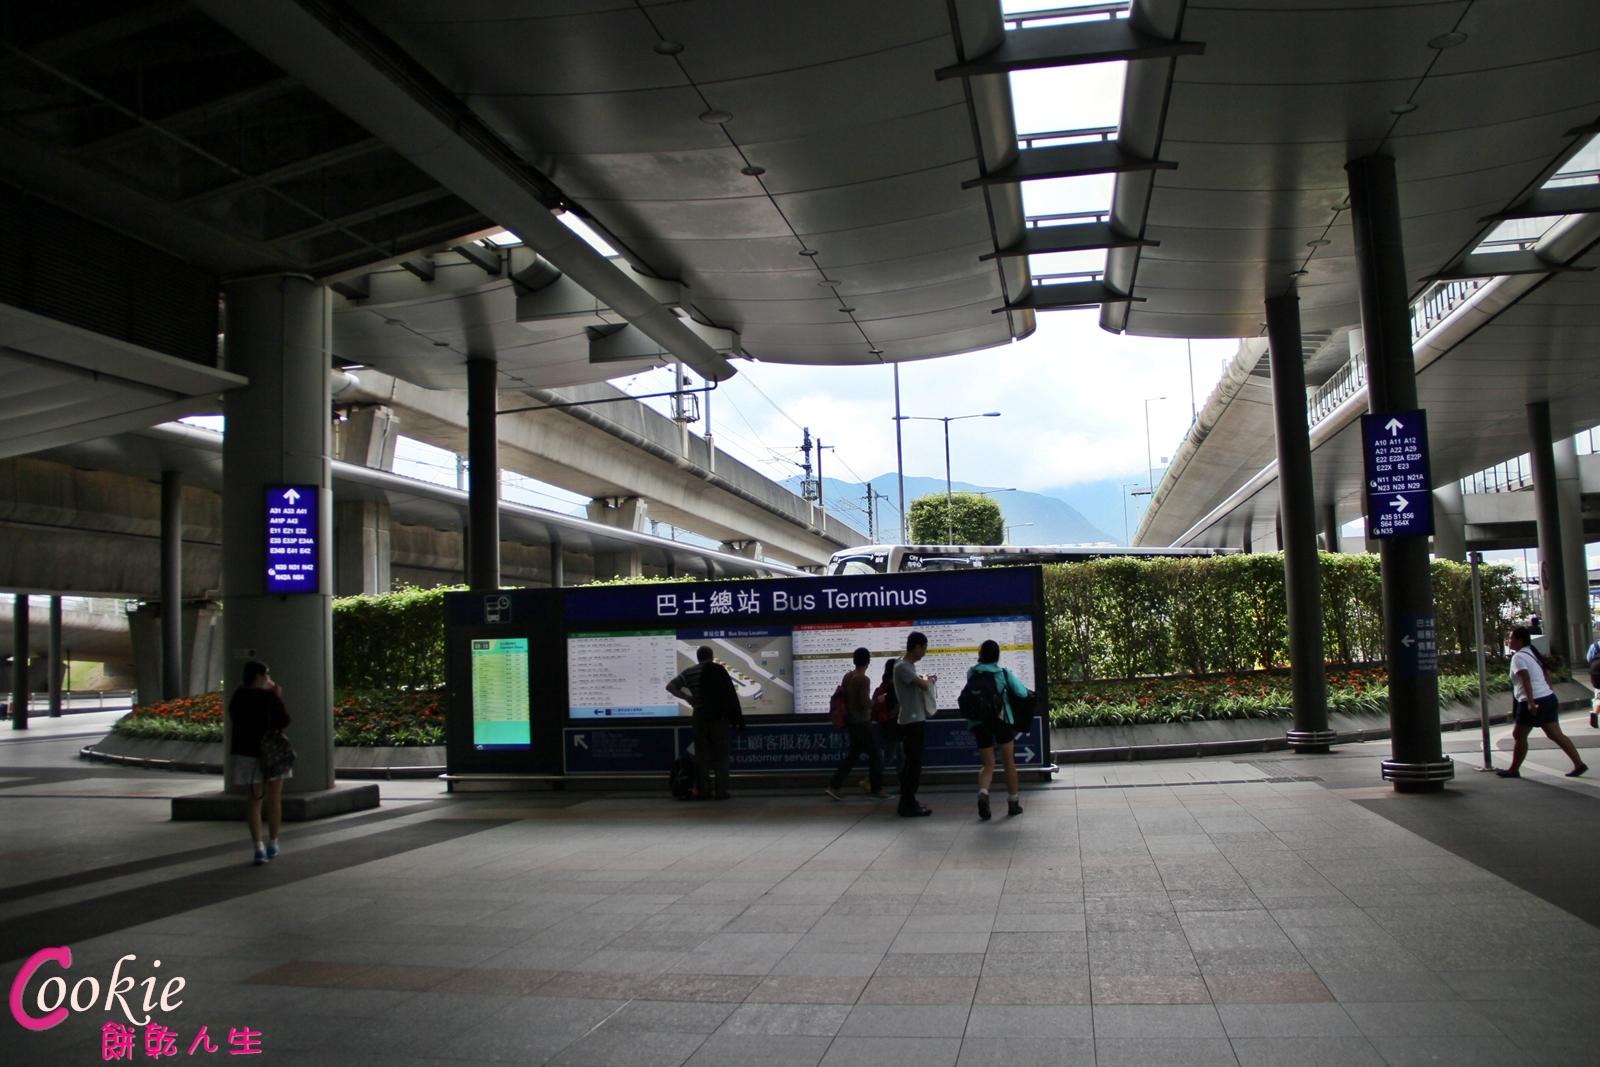 【香港機場巴士】城巴A21 免扛行李,車票便宜又可以看香港風景! @ 餅乾人生Cookie Life :: 痞客邦